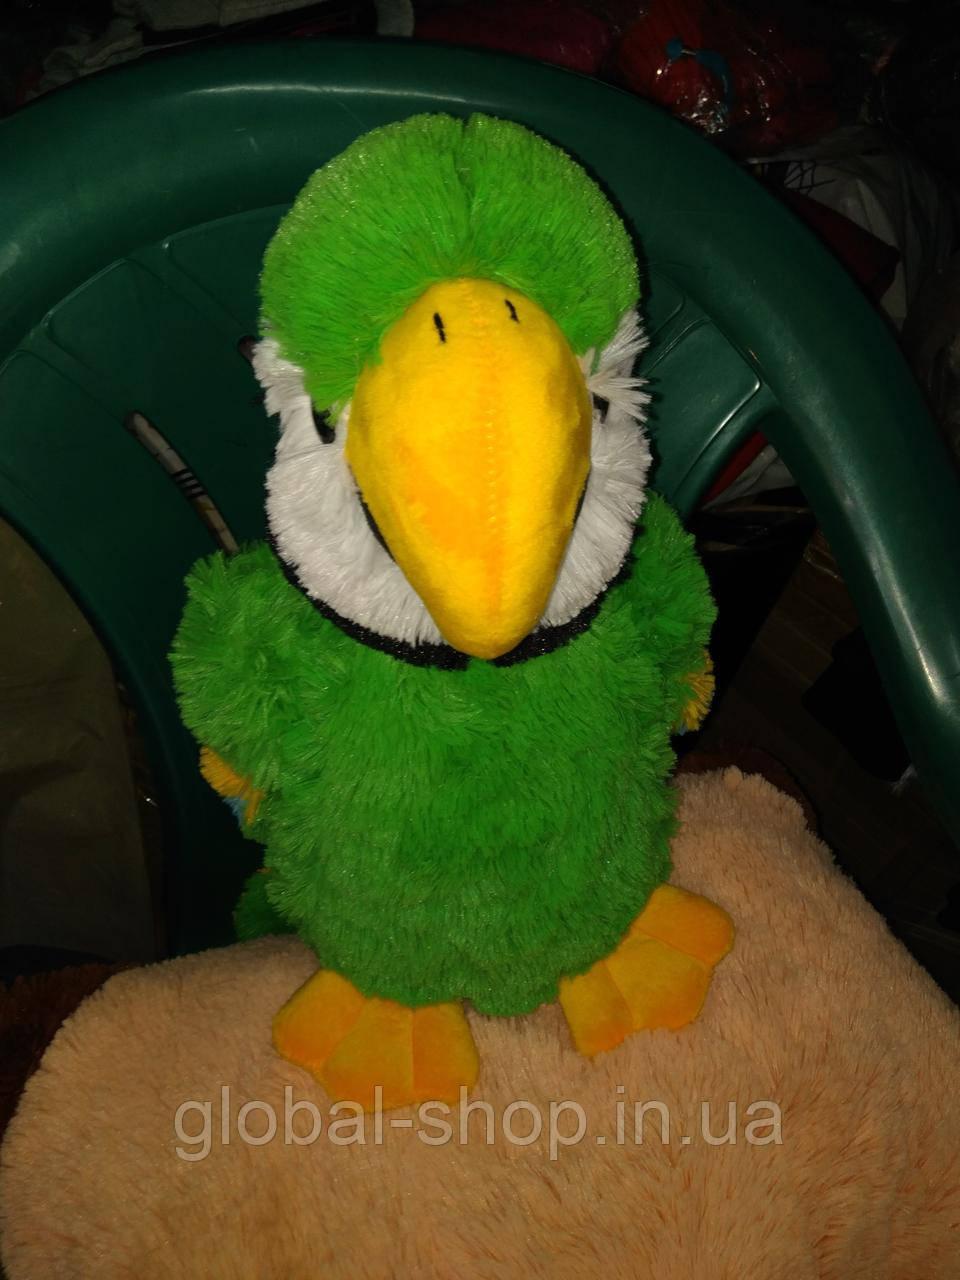 Мягкая игрушка - ПОПУГАЙ АРА 40 см, зелёный